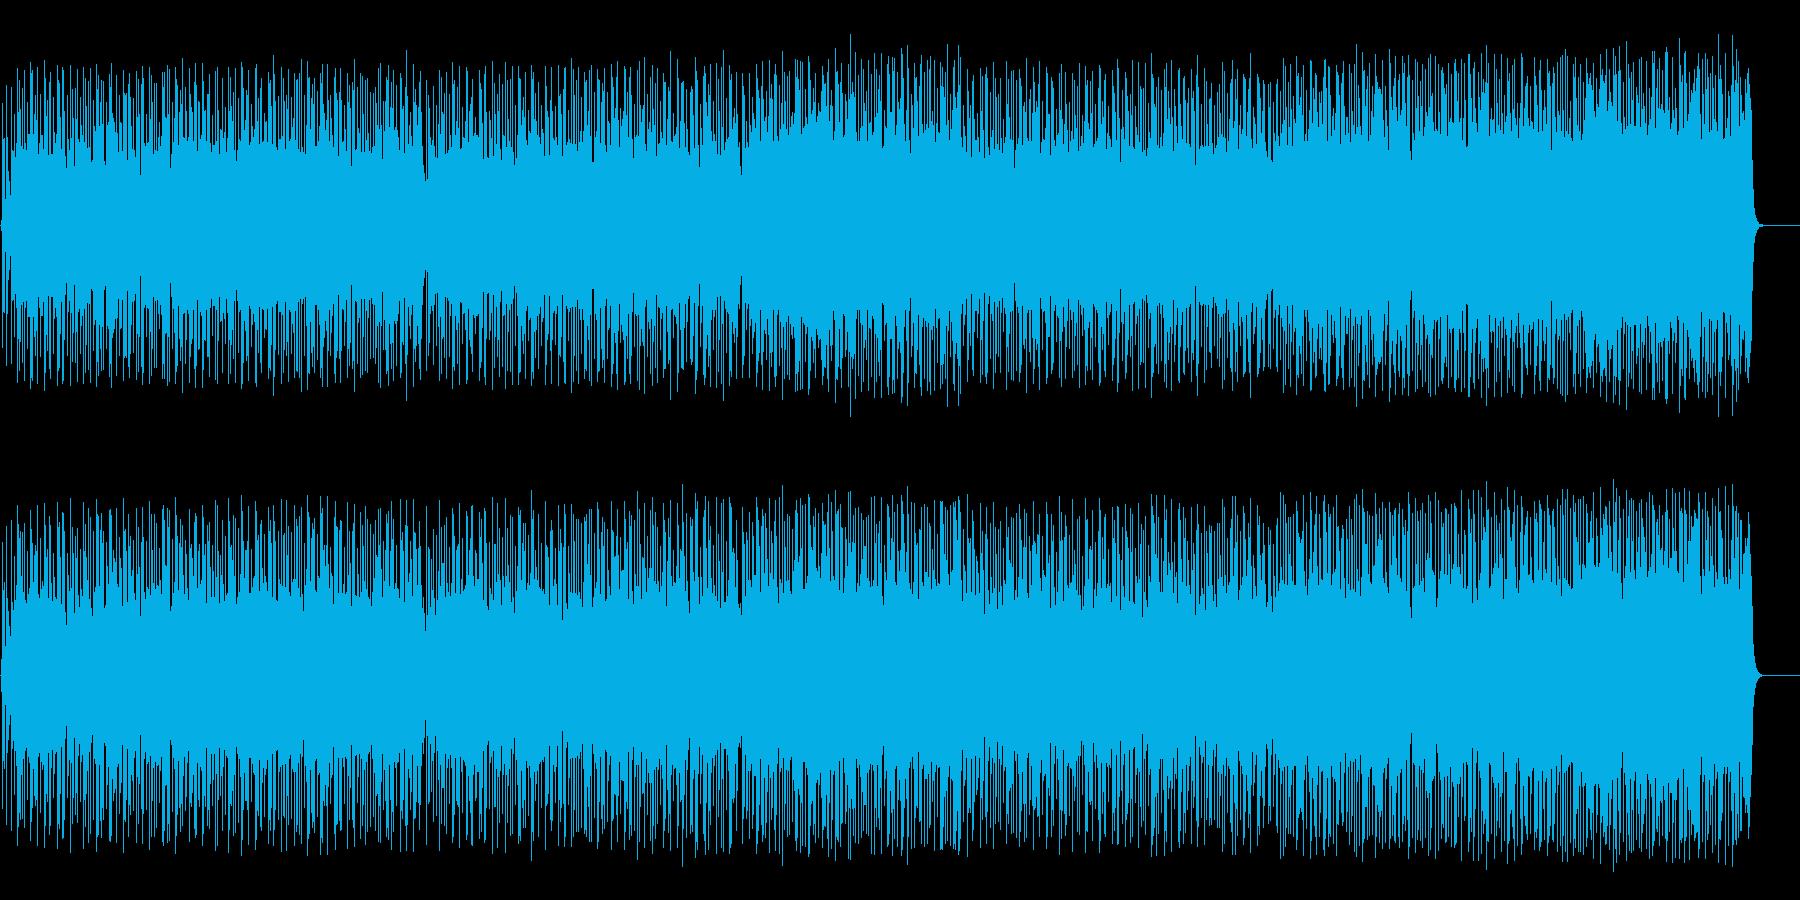 大らかな気分になるポップ(フルサイズ)の再生済みの波形